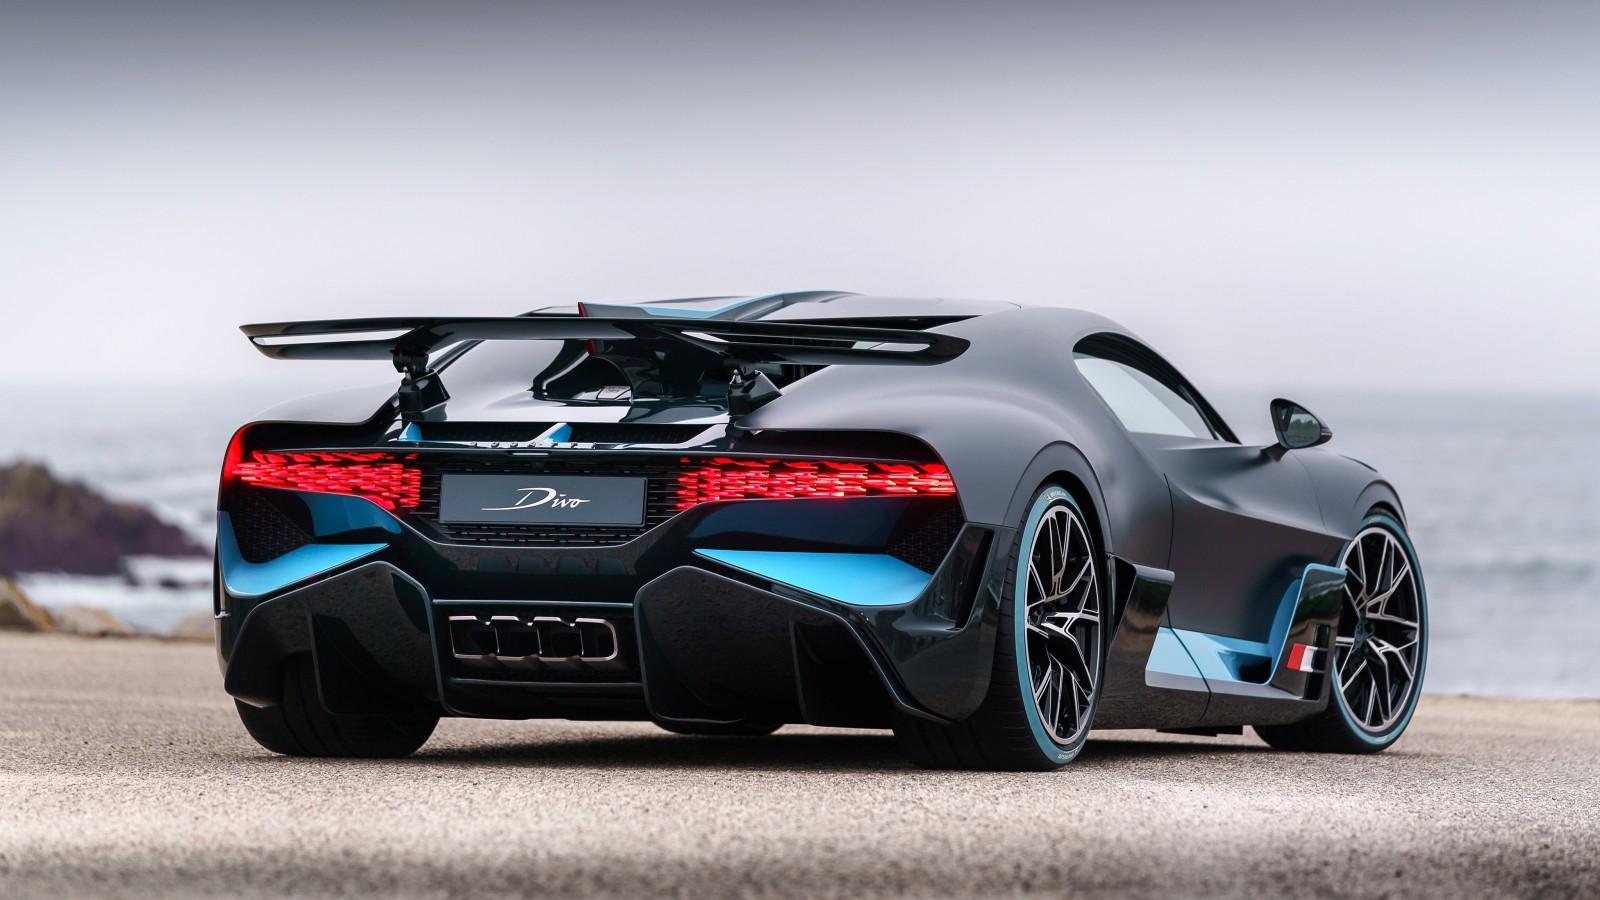 Bugatti Car Hd Wallpapers Free Download For Android Mobile: Bugatti Divo 4K 2 Wallpaper